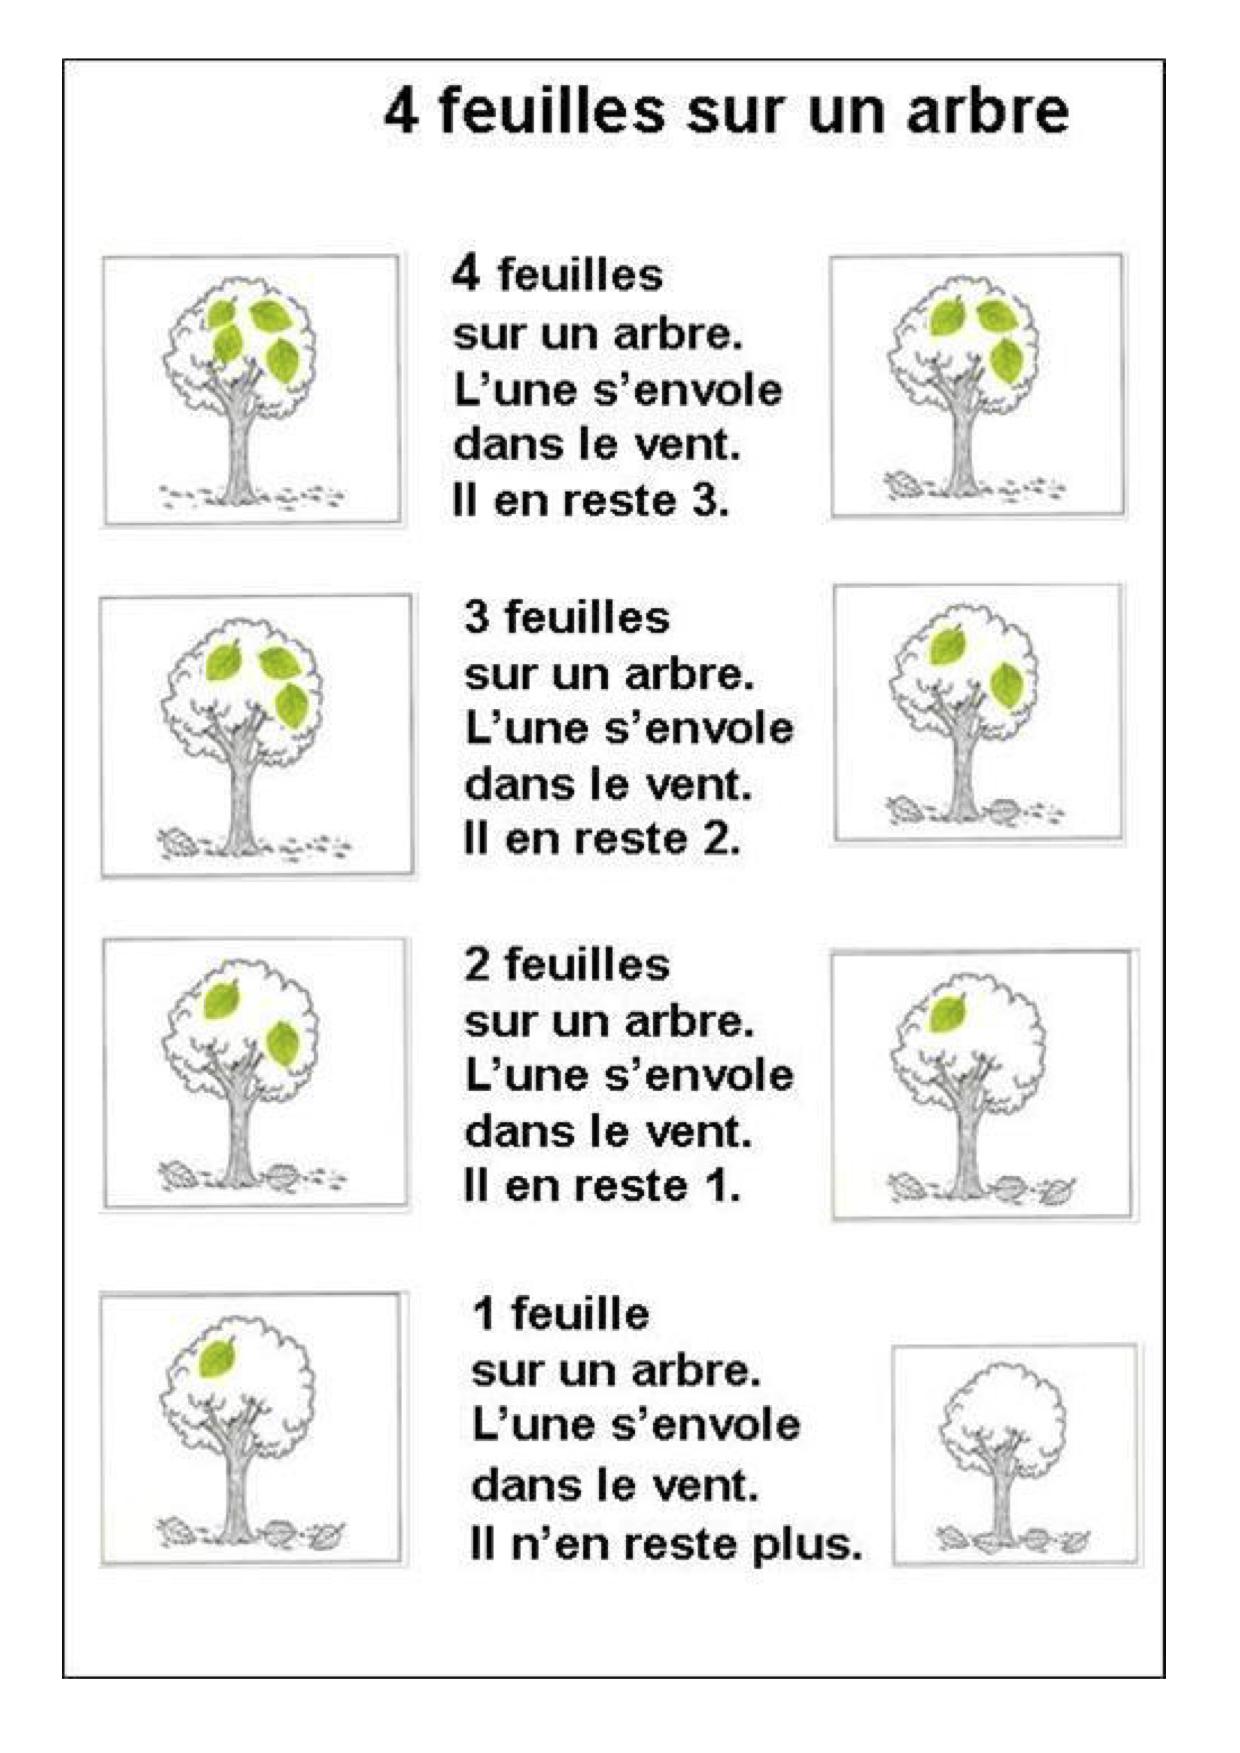 poesie 4 feuilles sur un arbre